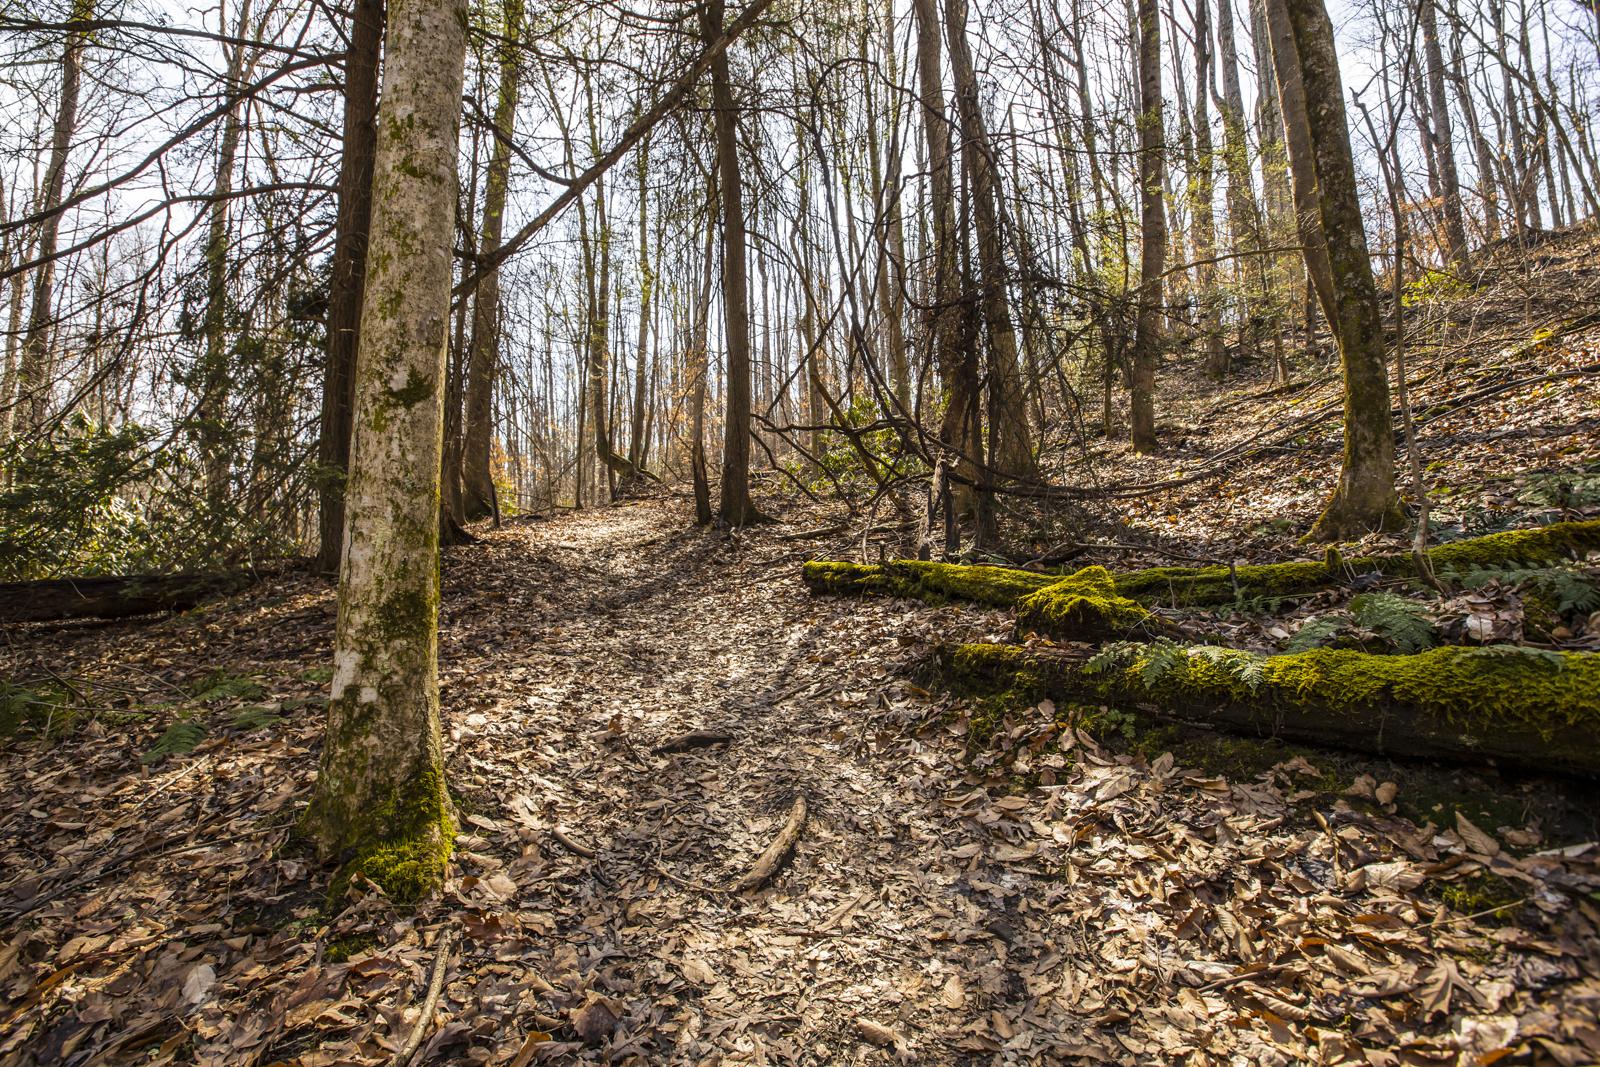 Trees along Kaymoor Miner's Trail in Fayetteville, West Virginia